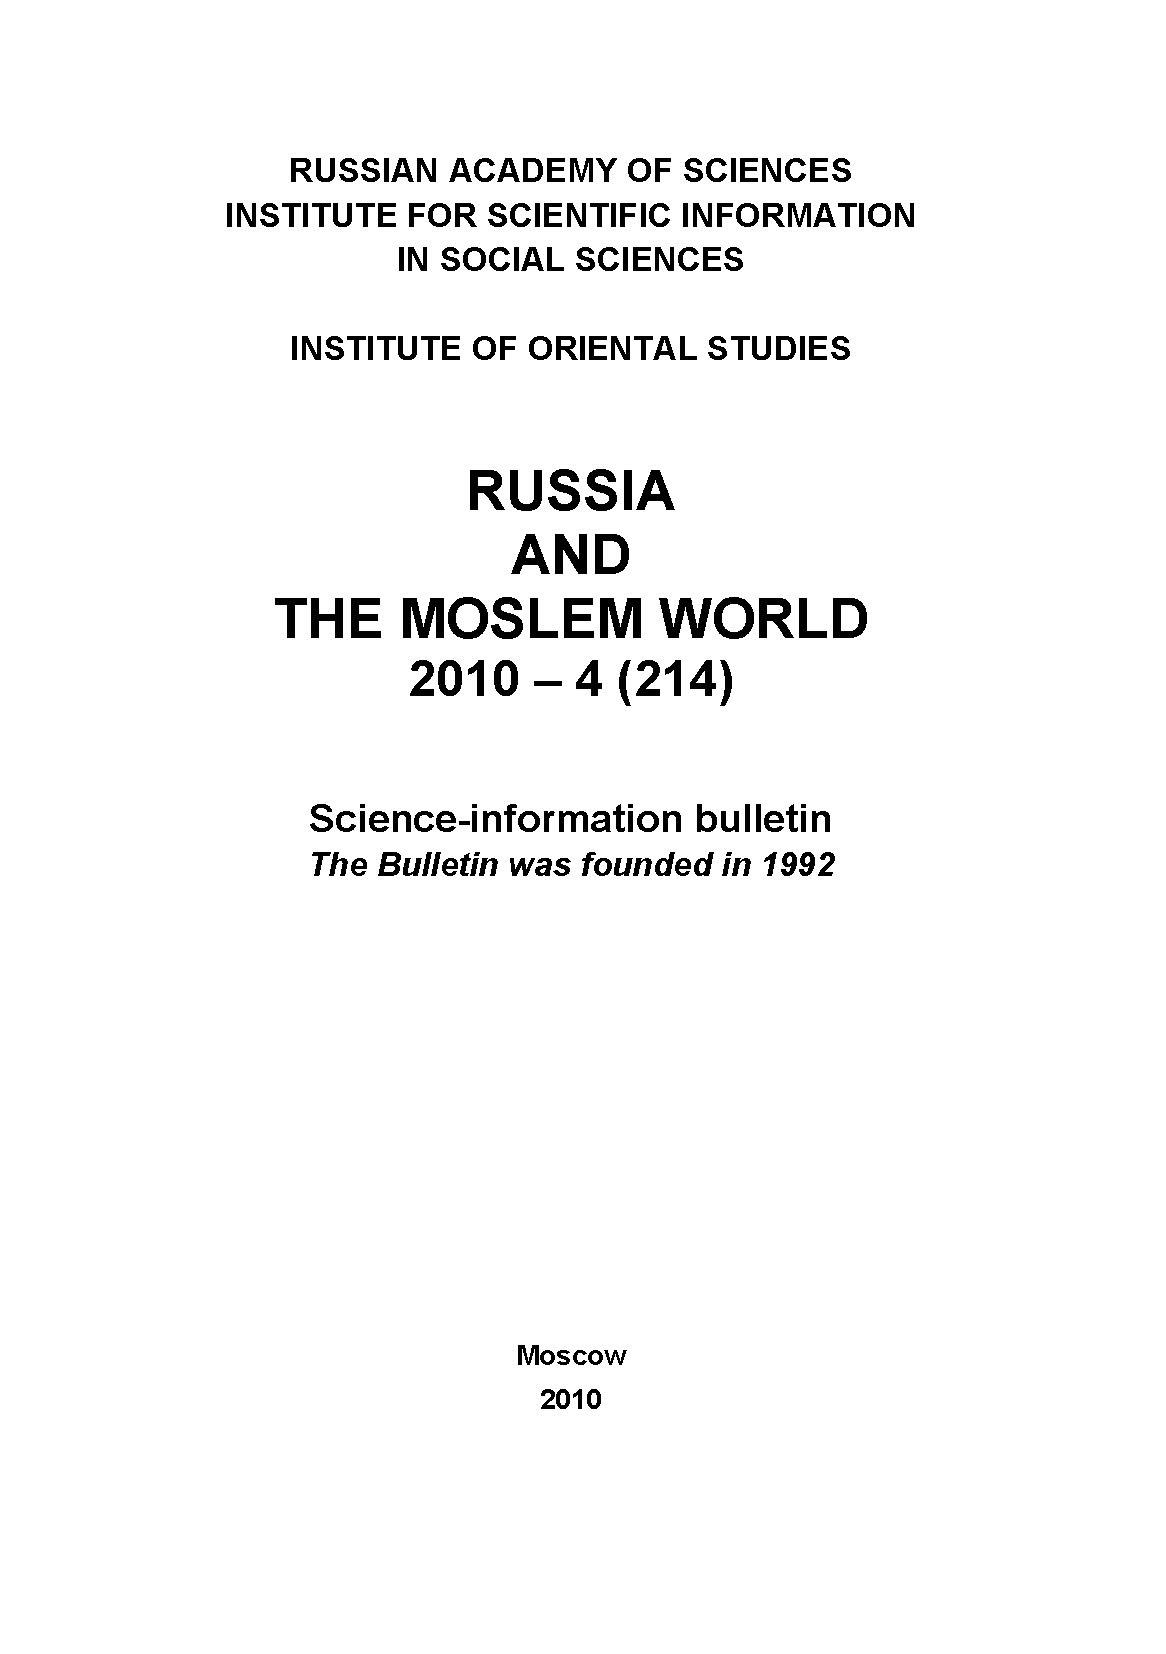 Сборник статей Russia and the Moslem World № 04 / 2010 сборник статей russia and the moslem world 04 2011